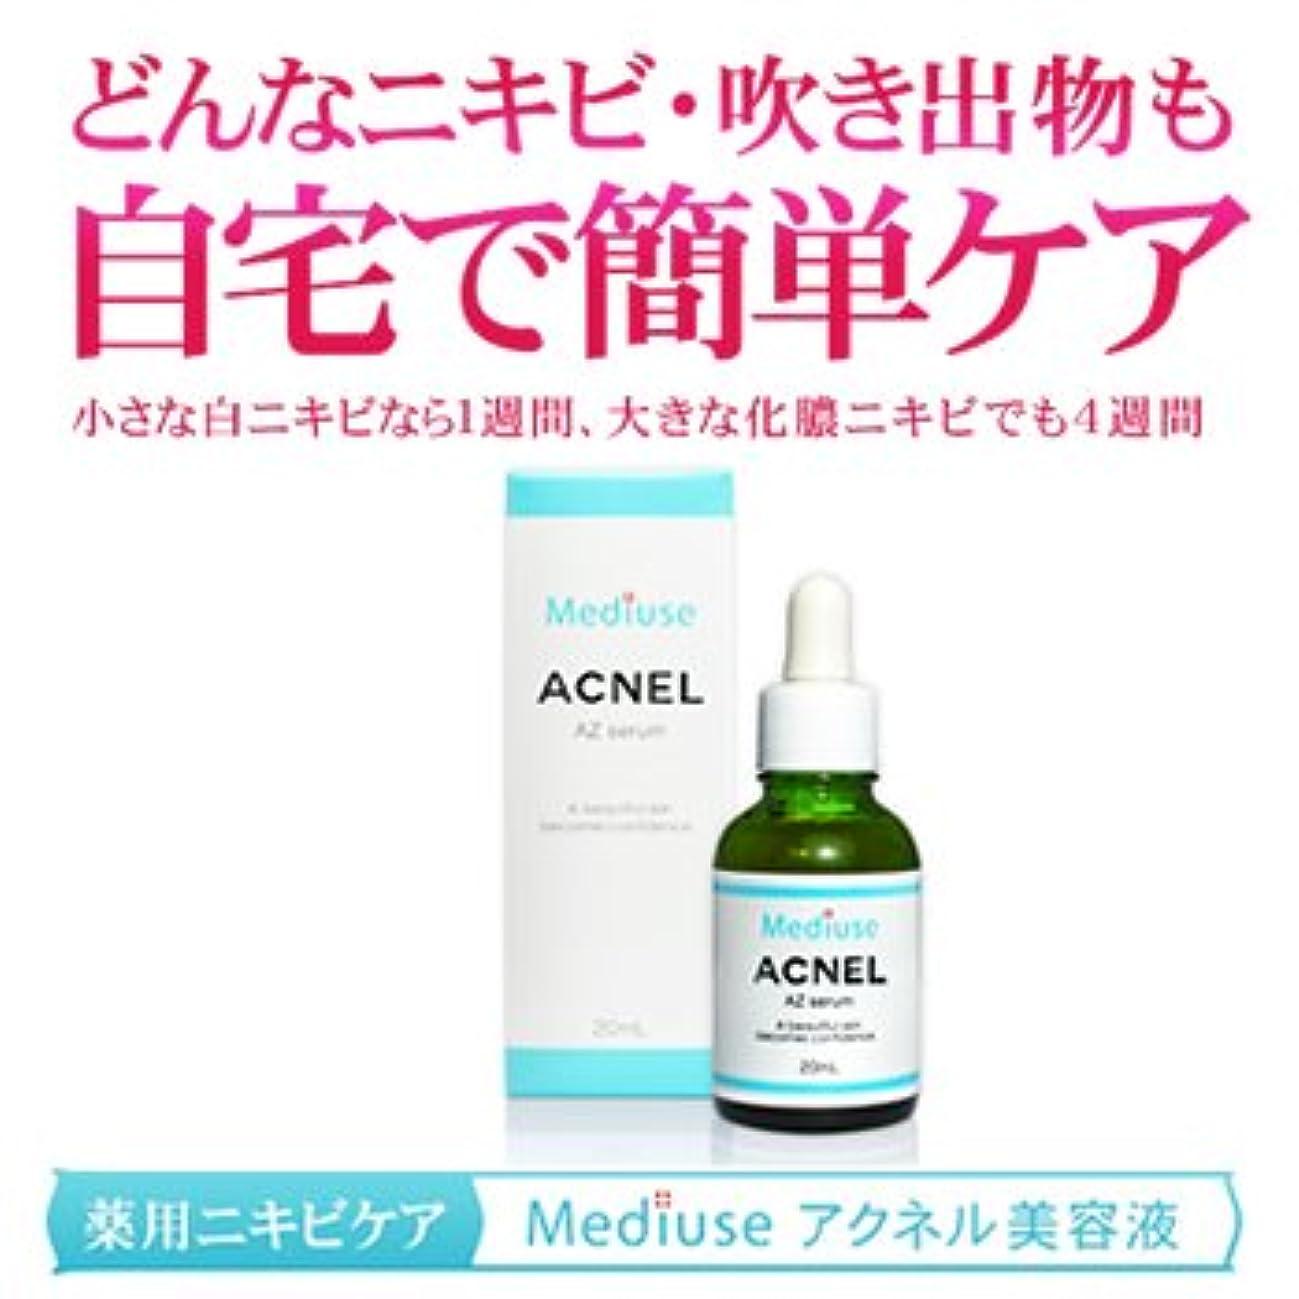 リフト破壊する原始的なメデュース アクネル AZセラム(薬用ニキビケア美容液)医薬部外品